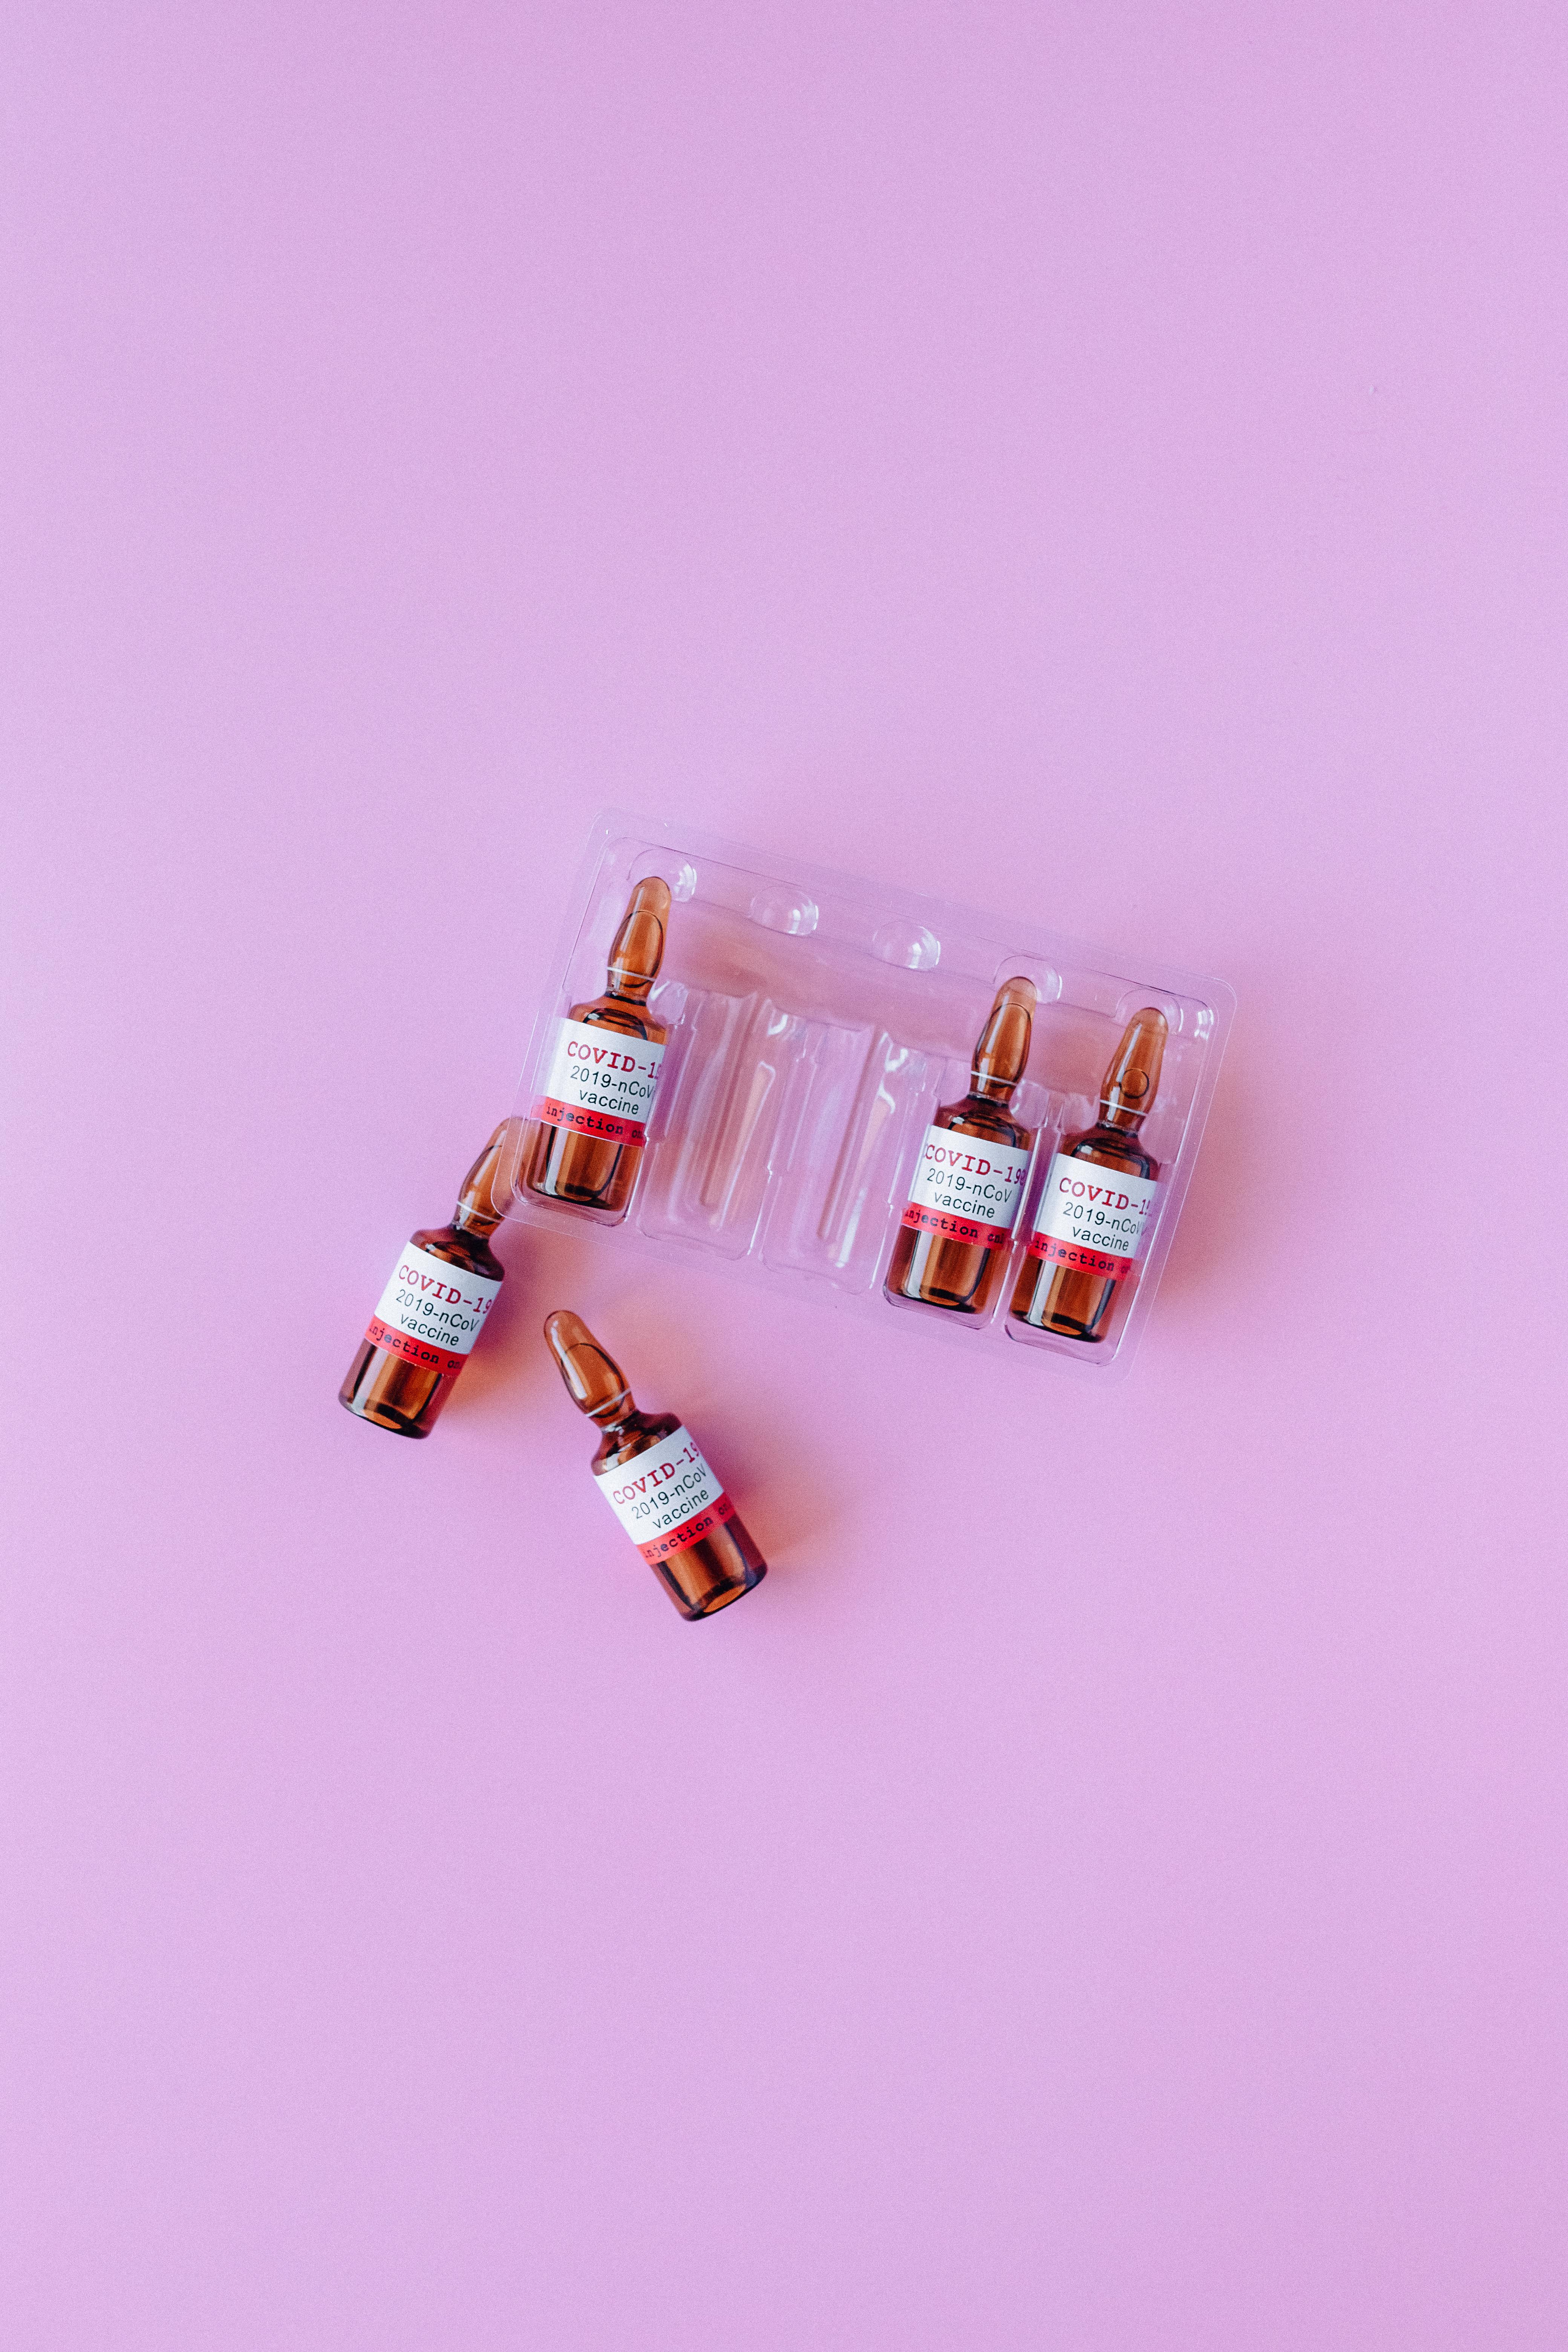 covid vaccine vials